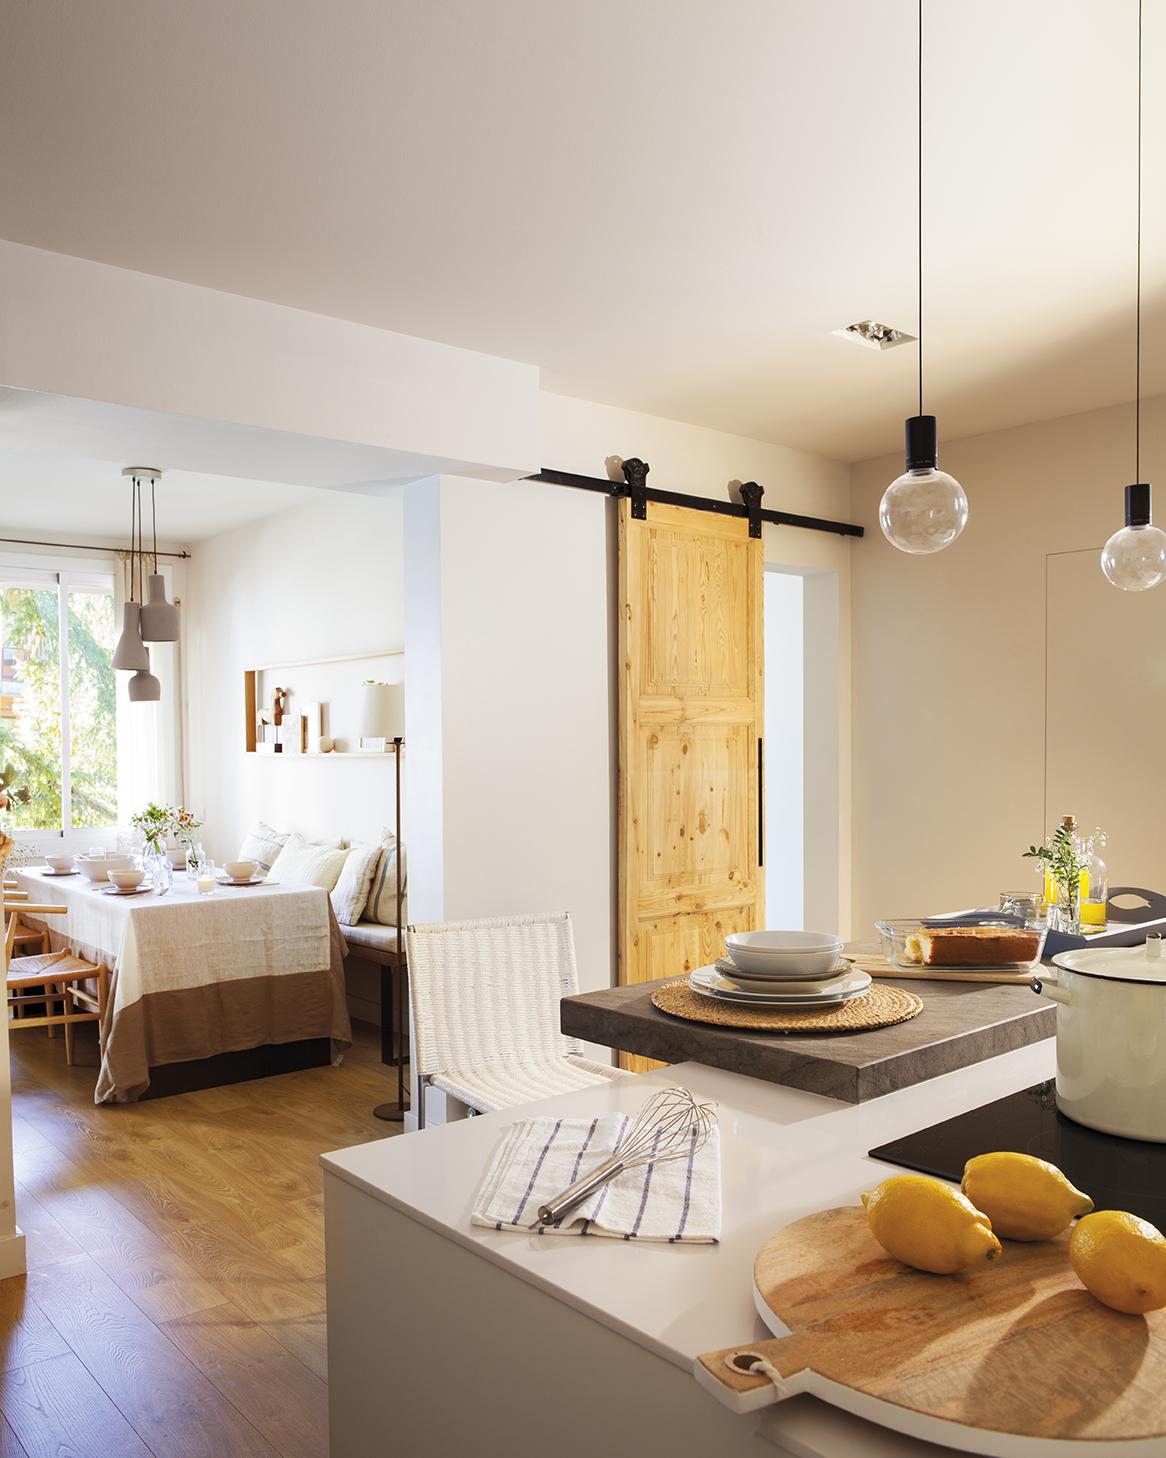 cocina abierta al comedor y puerta de madera corredera con riel